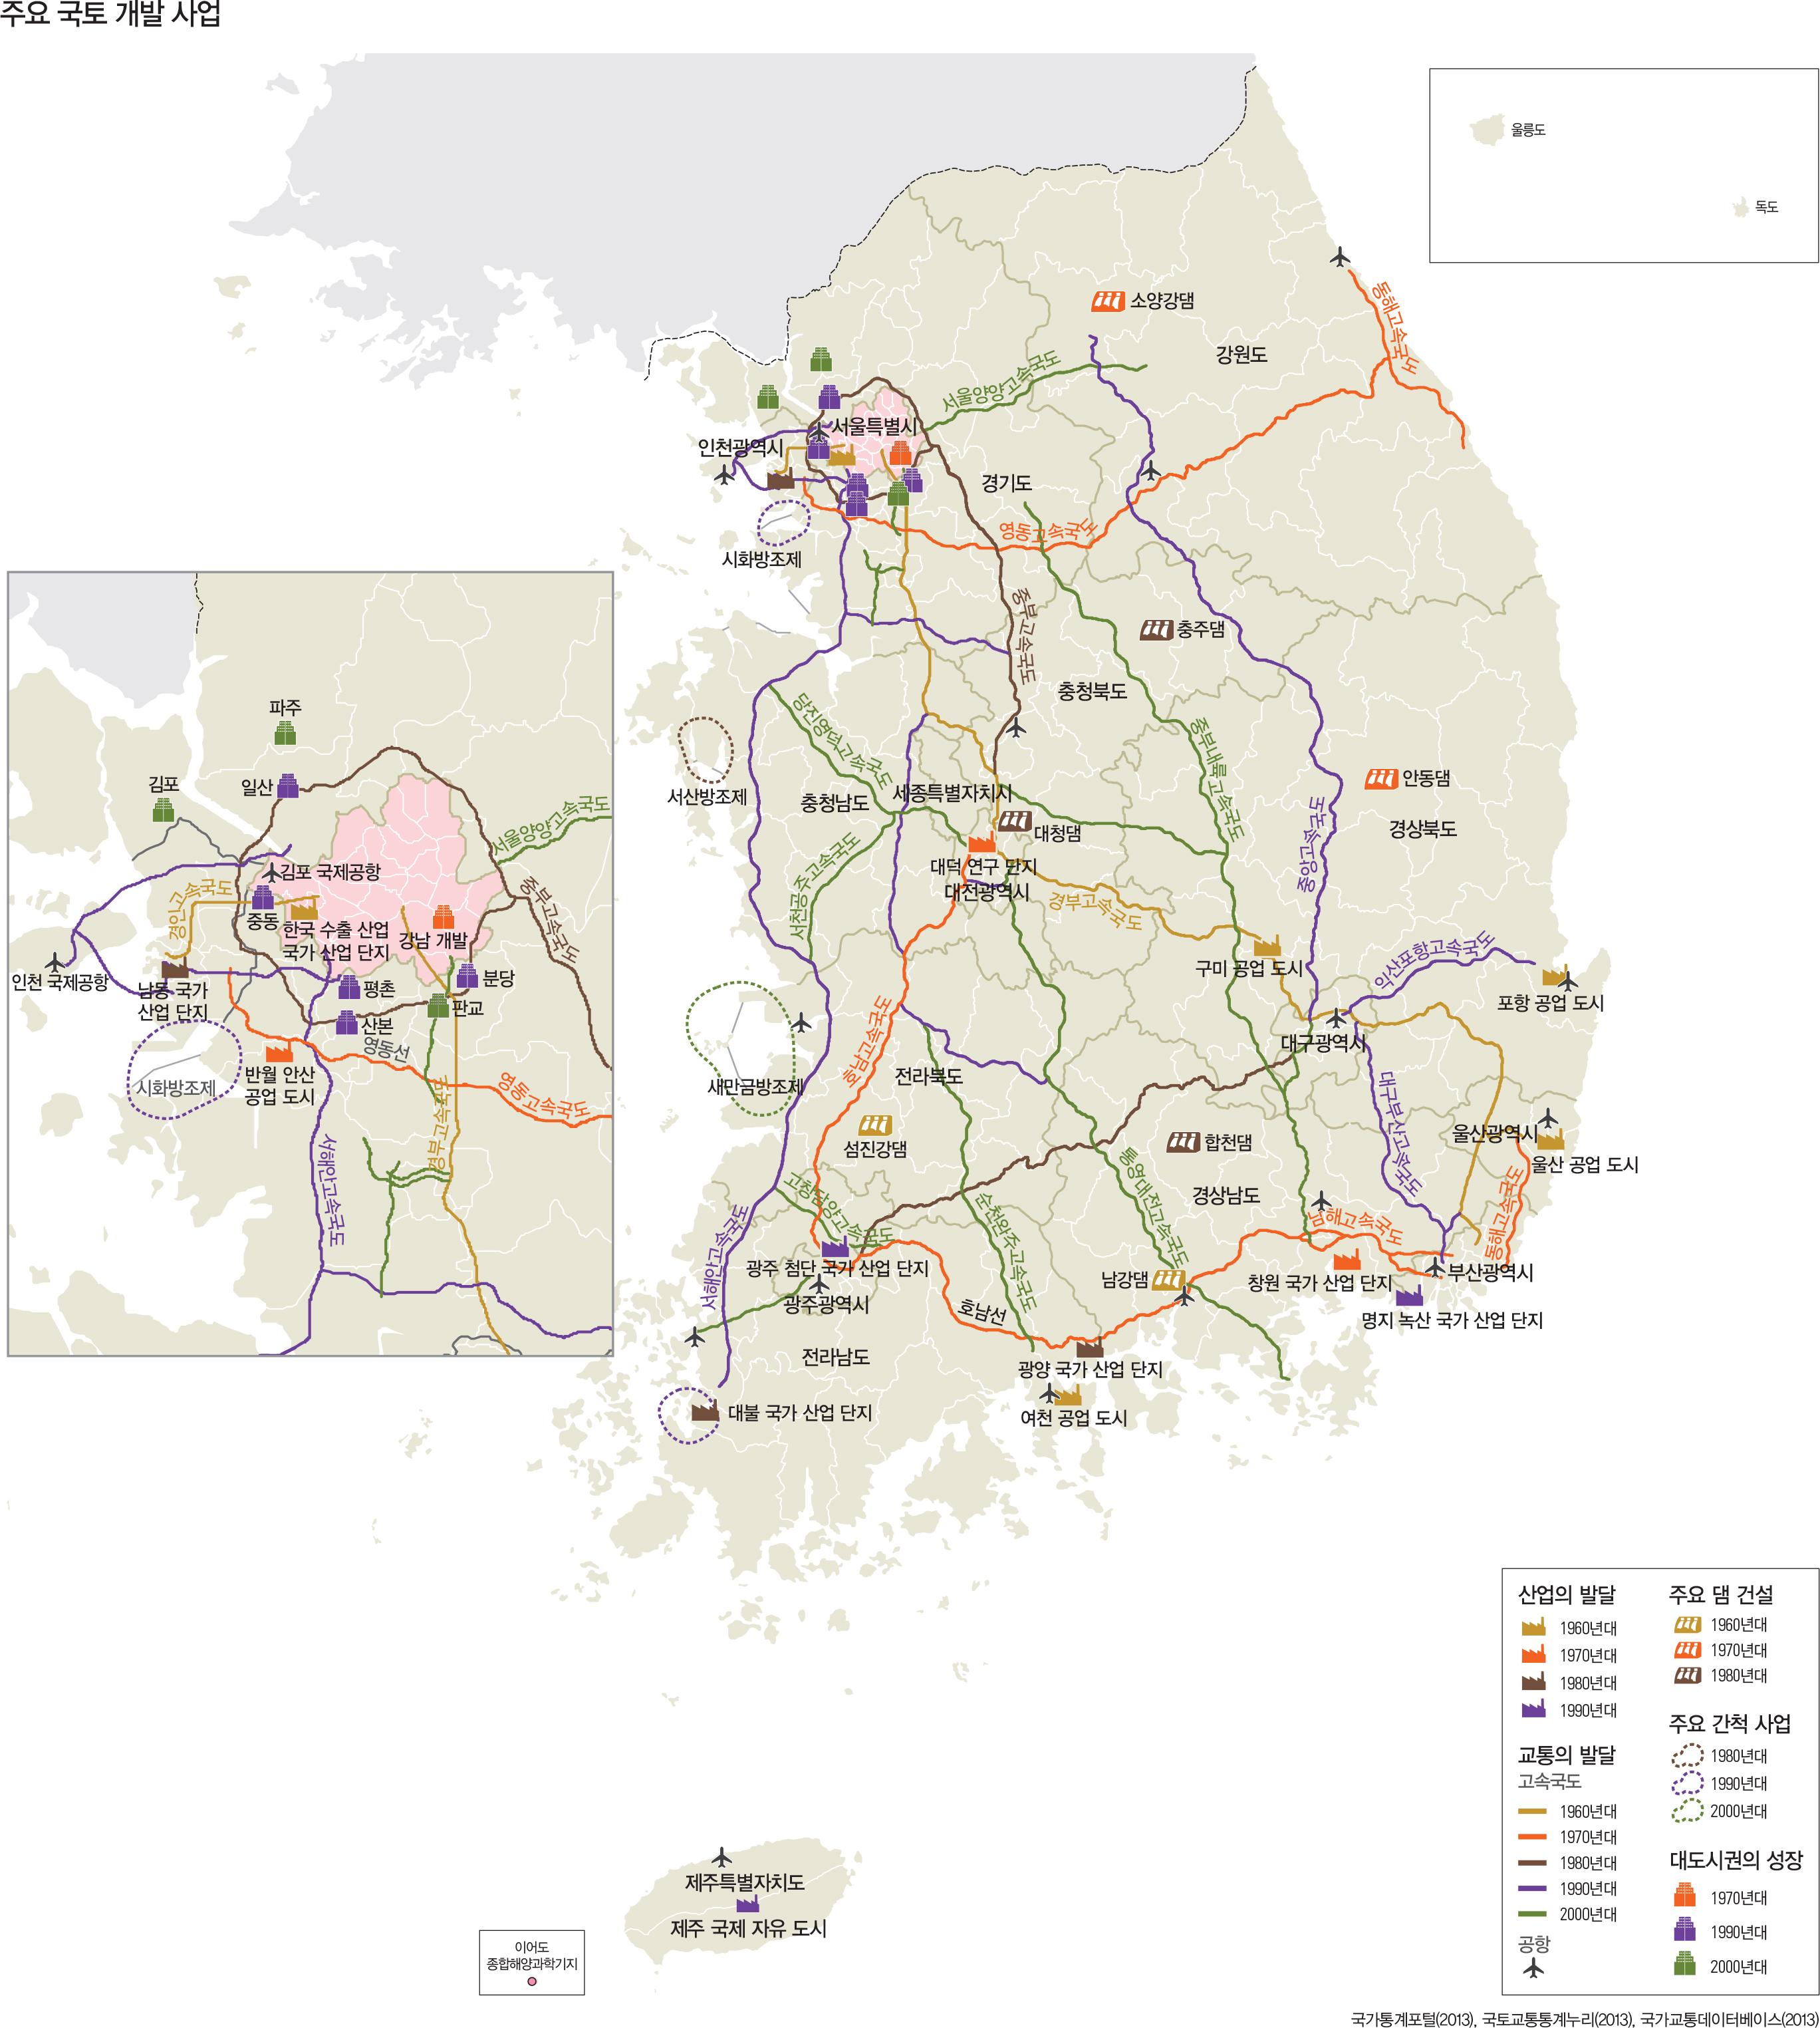 주요 국토 개발 사업